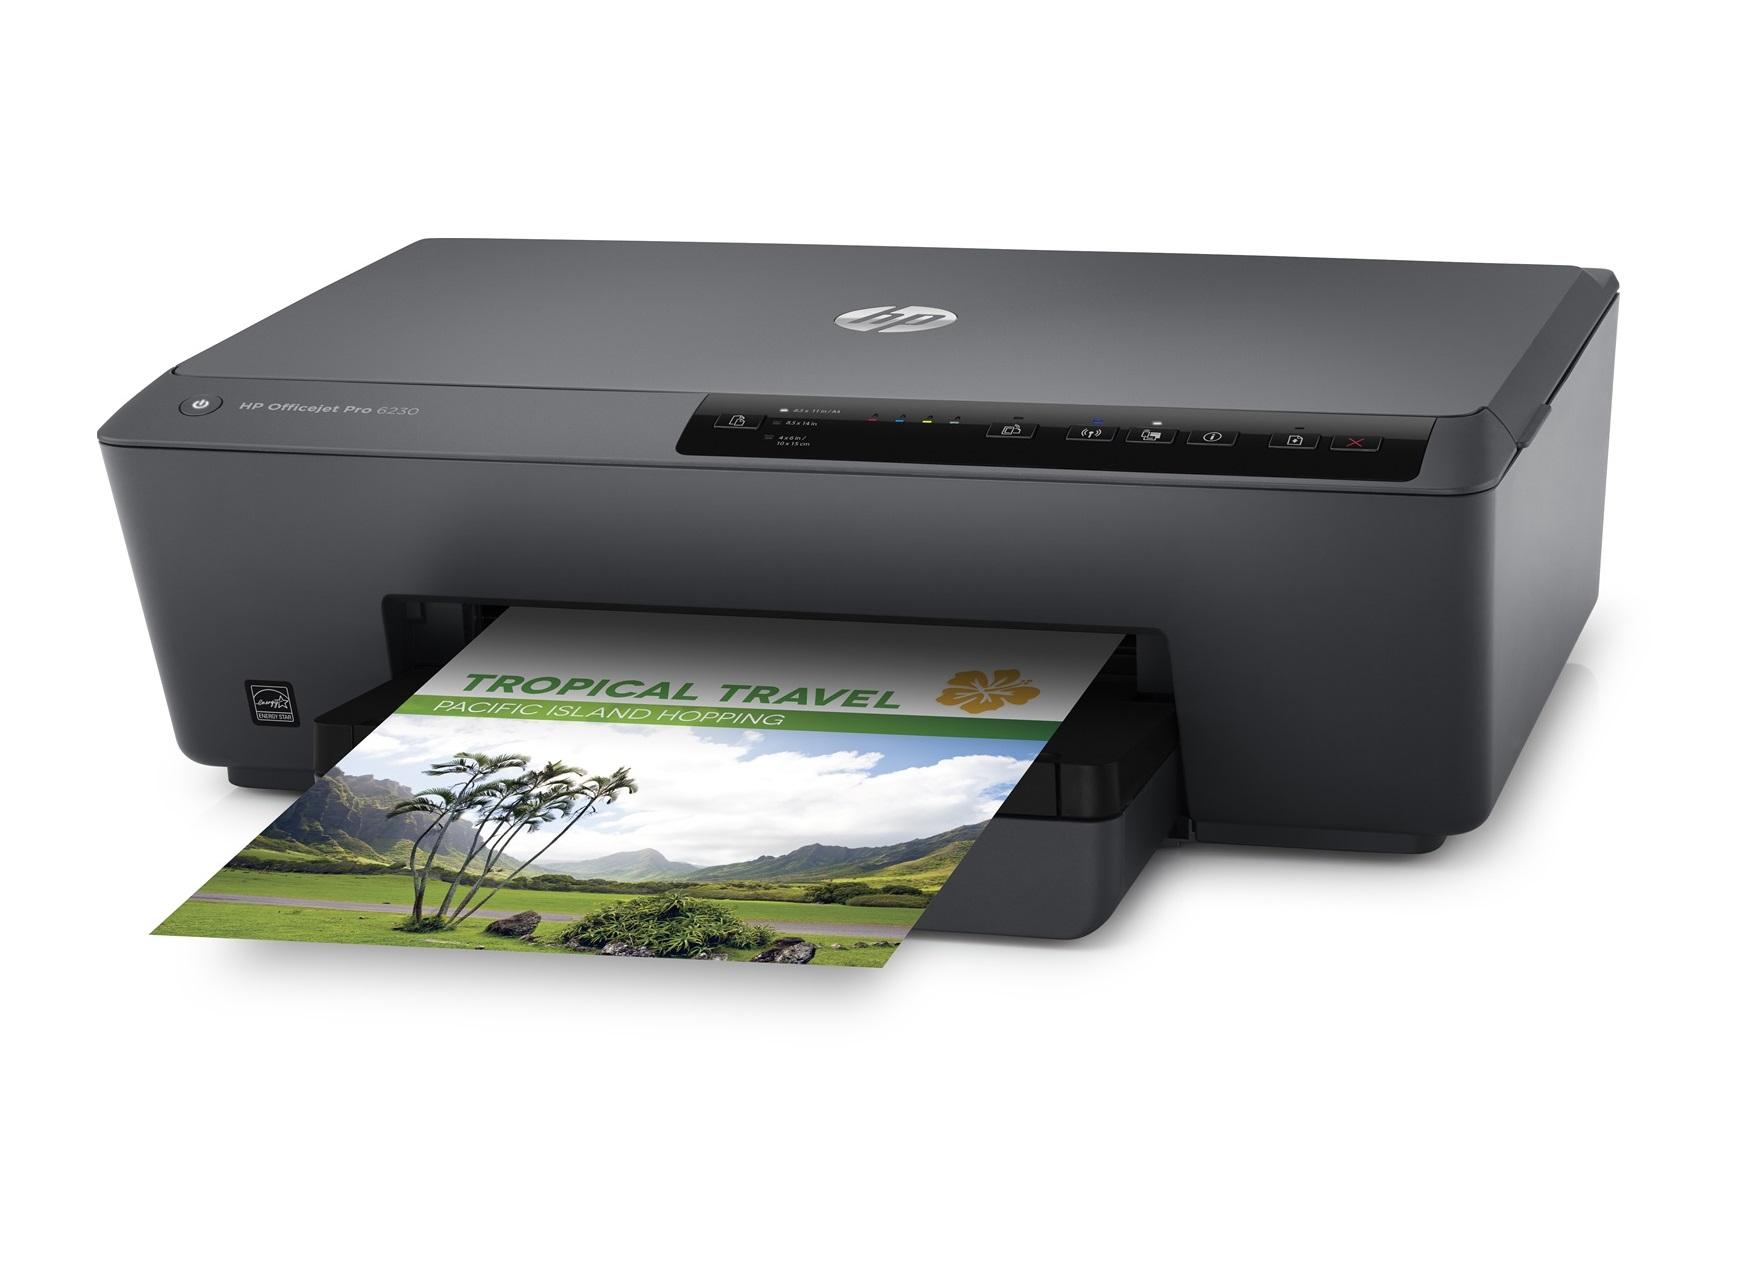 imprimante hp officejet